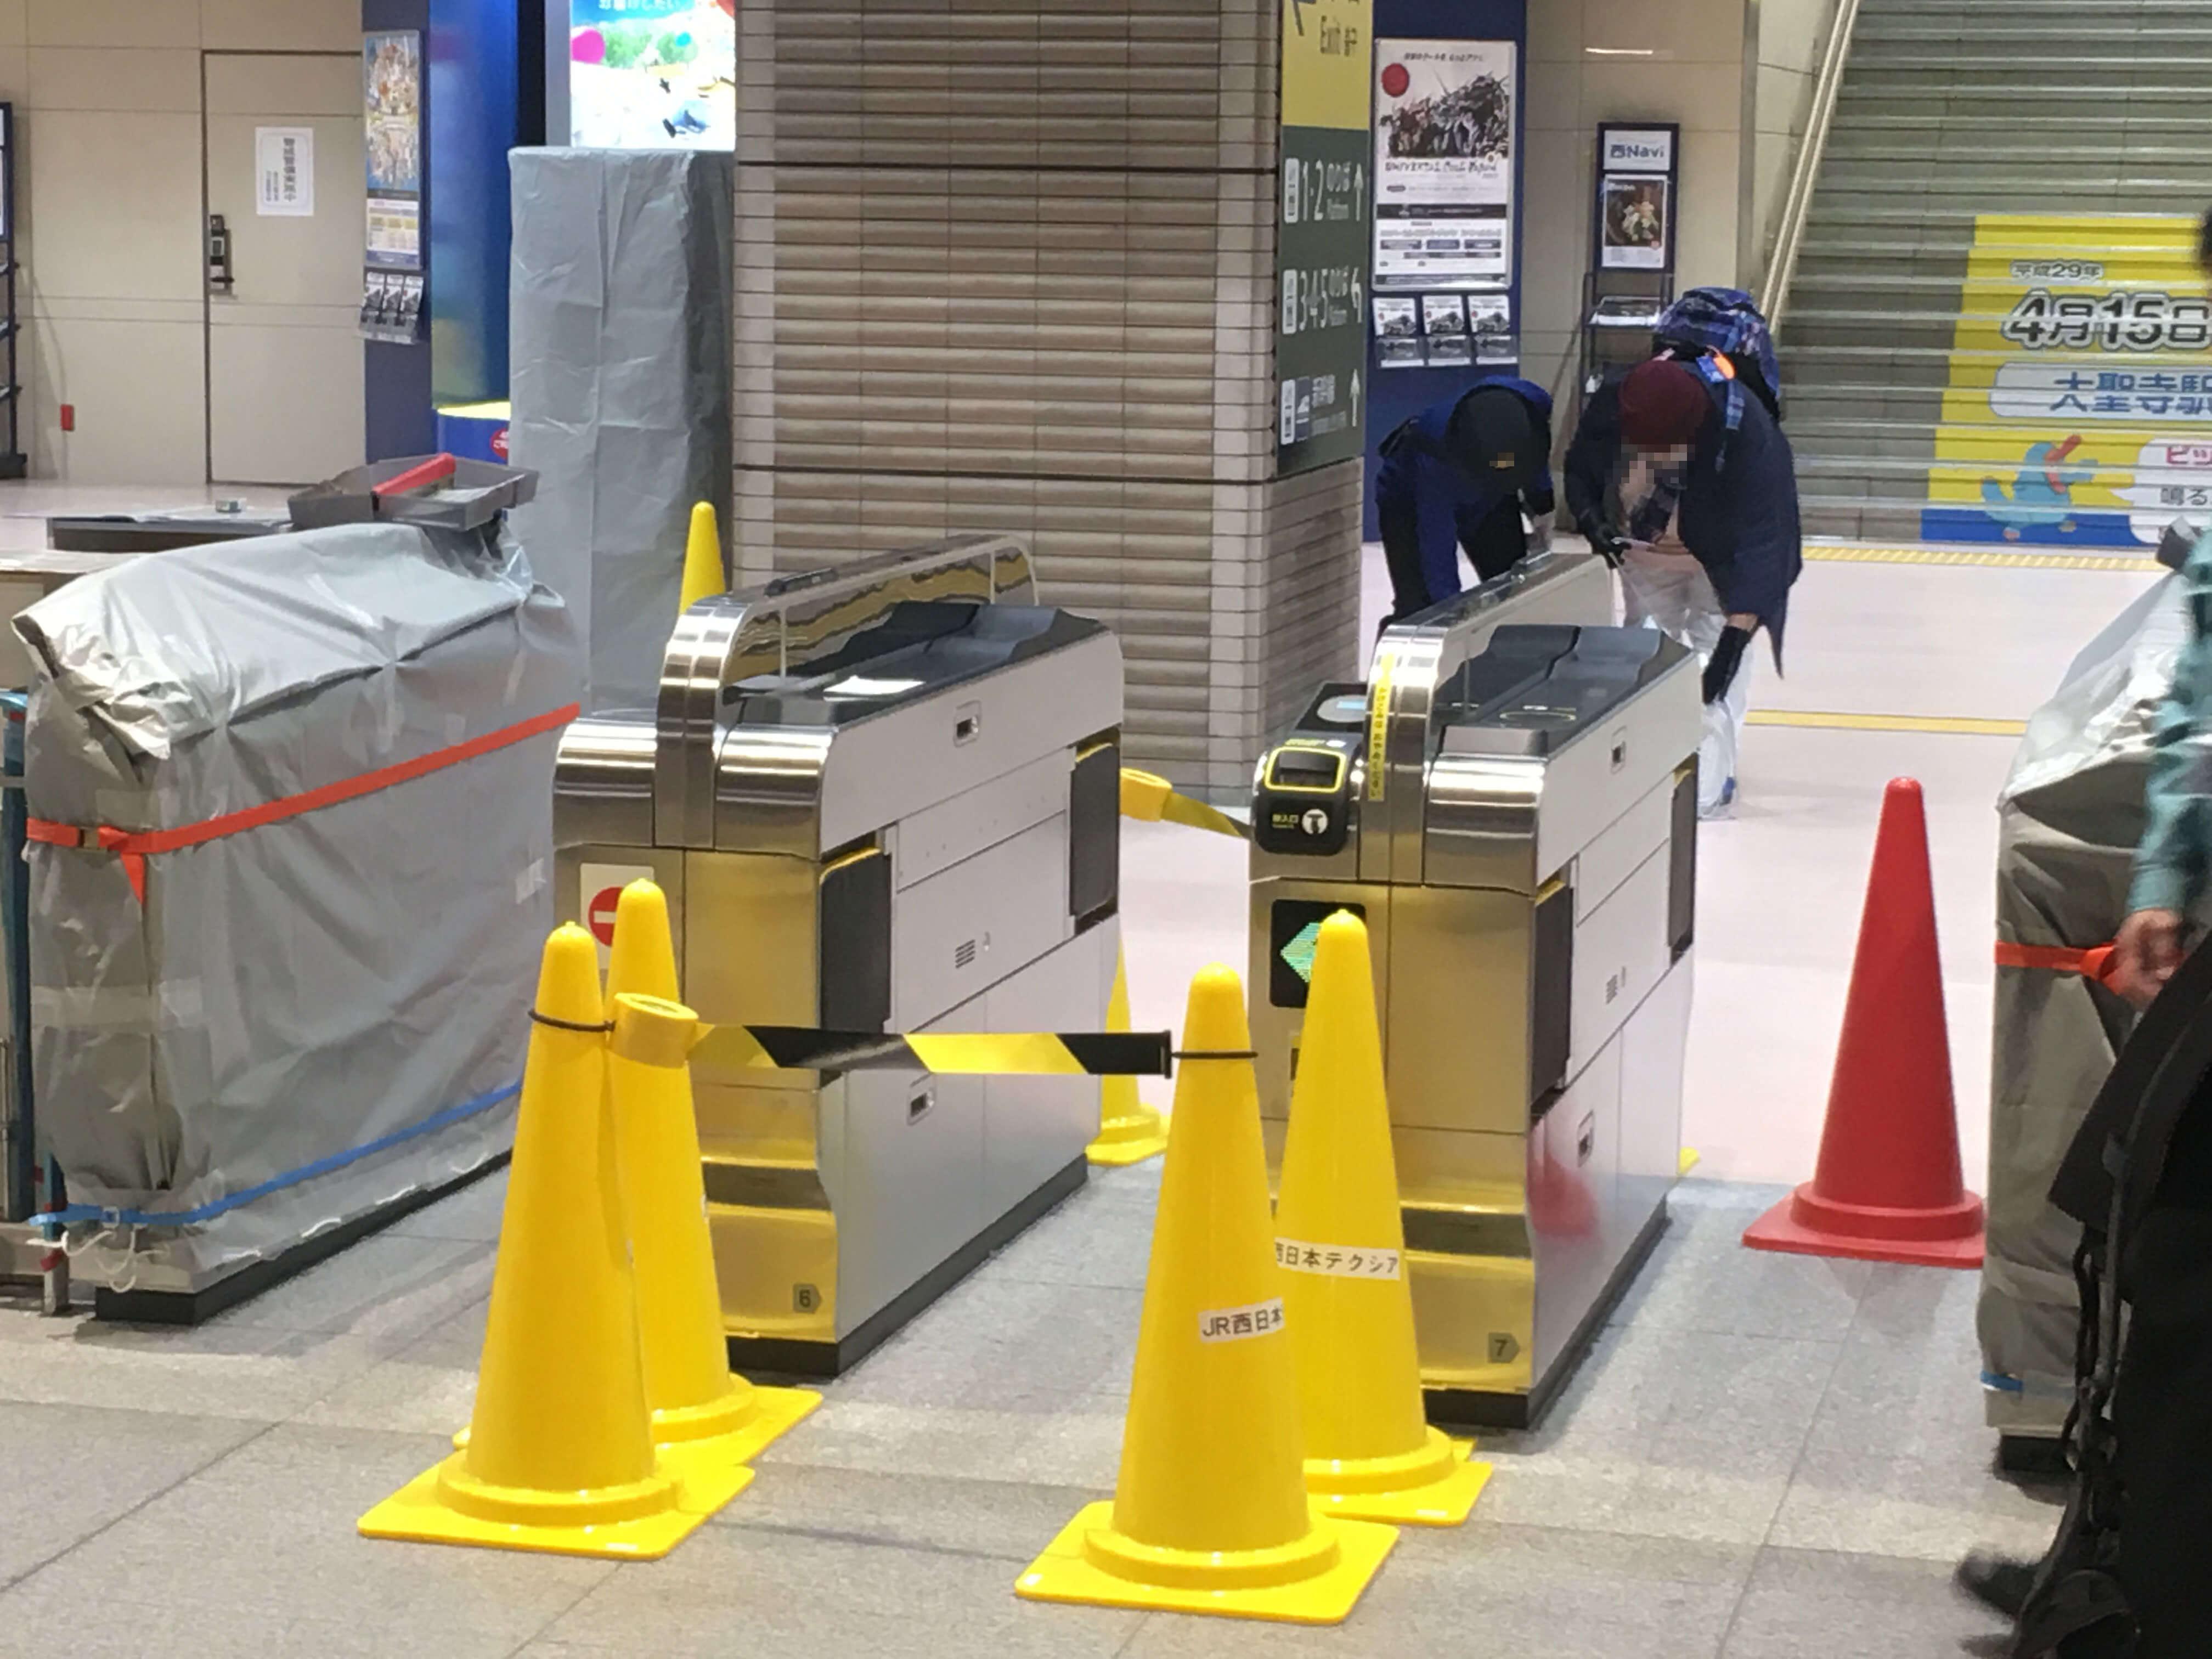 いよいよ本日から!! 金沢駅自動改札機 利用開始